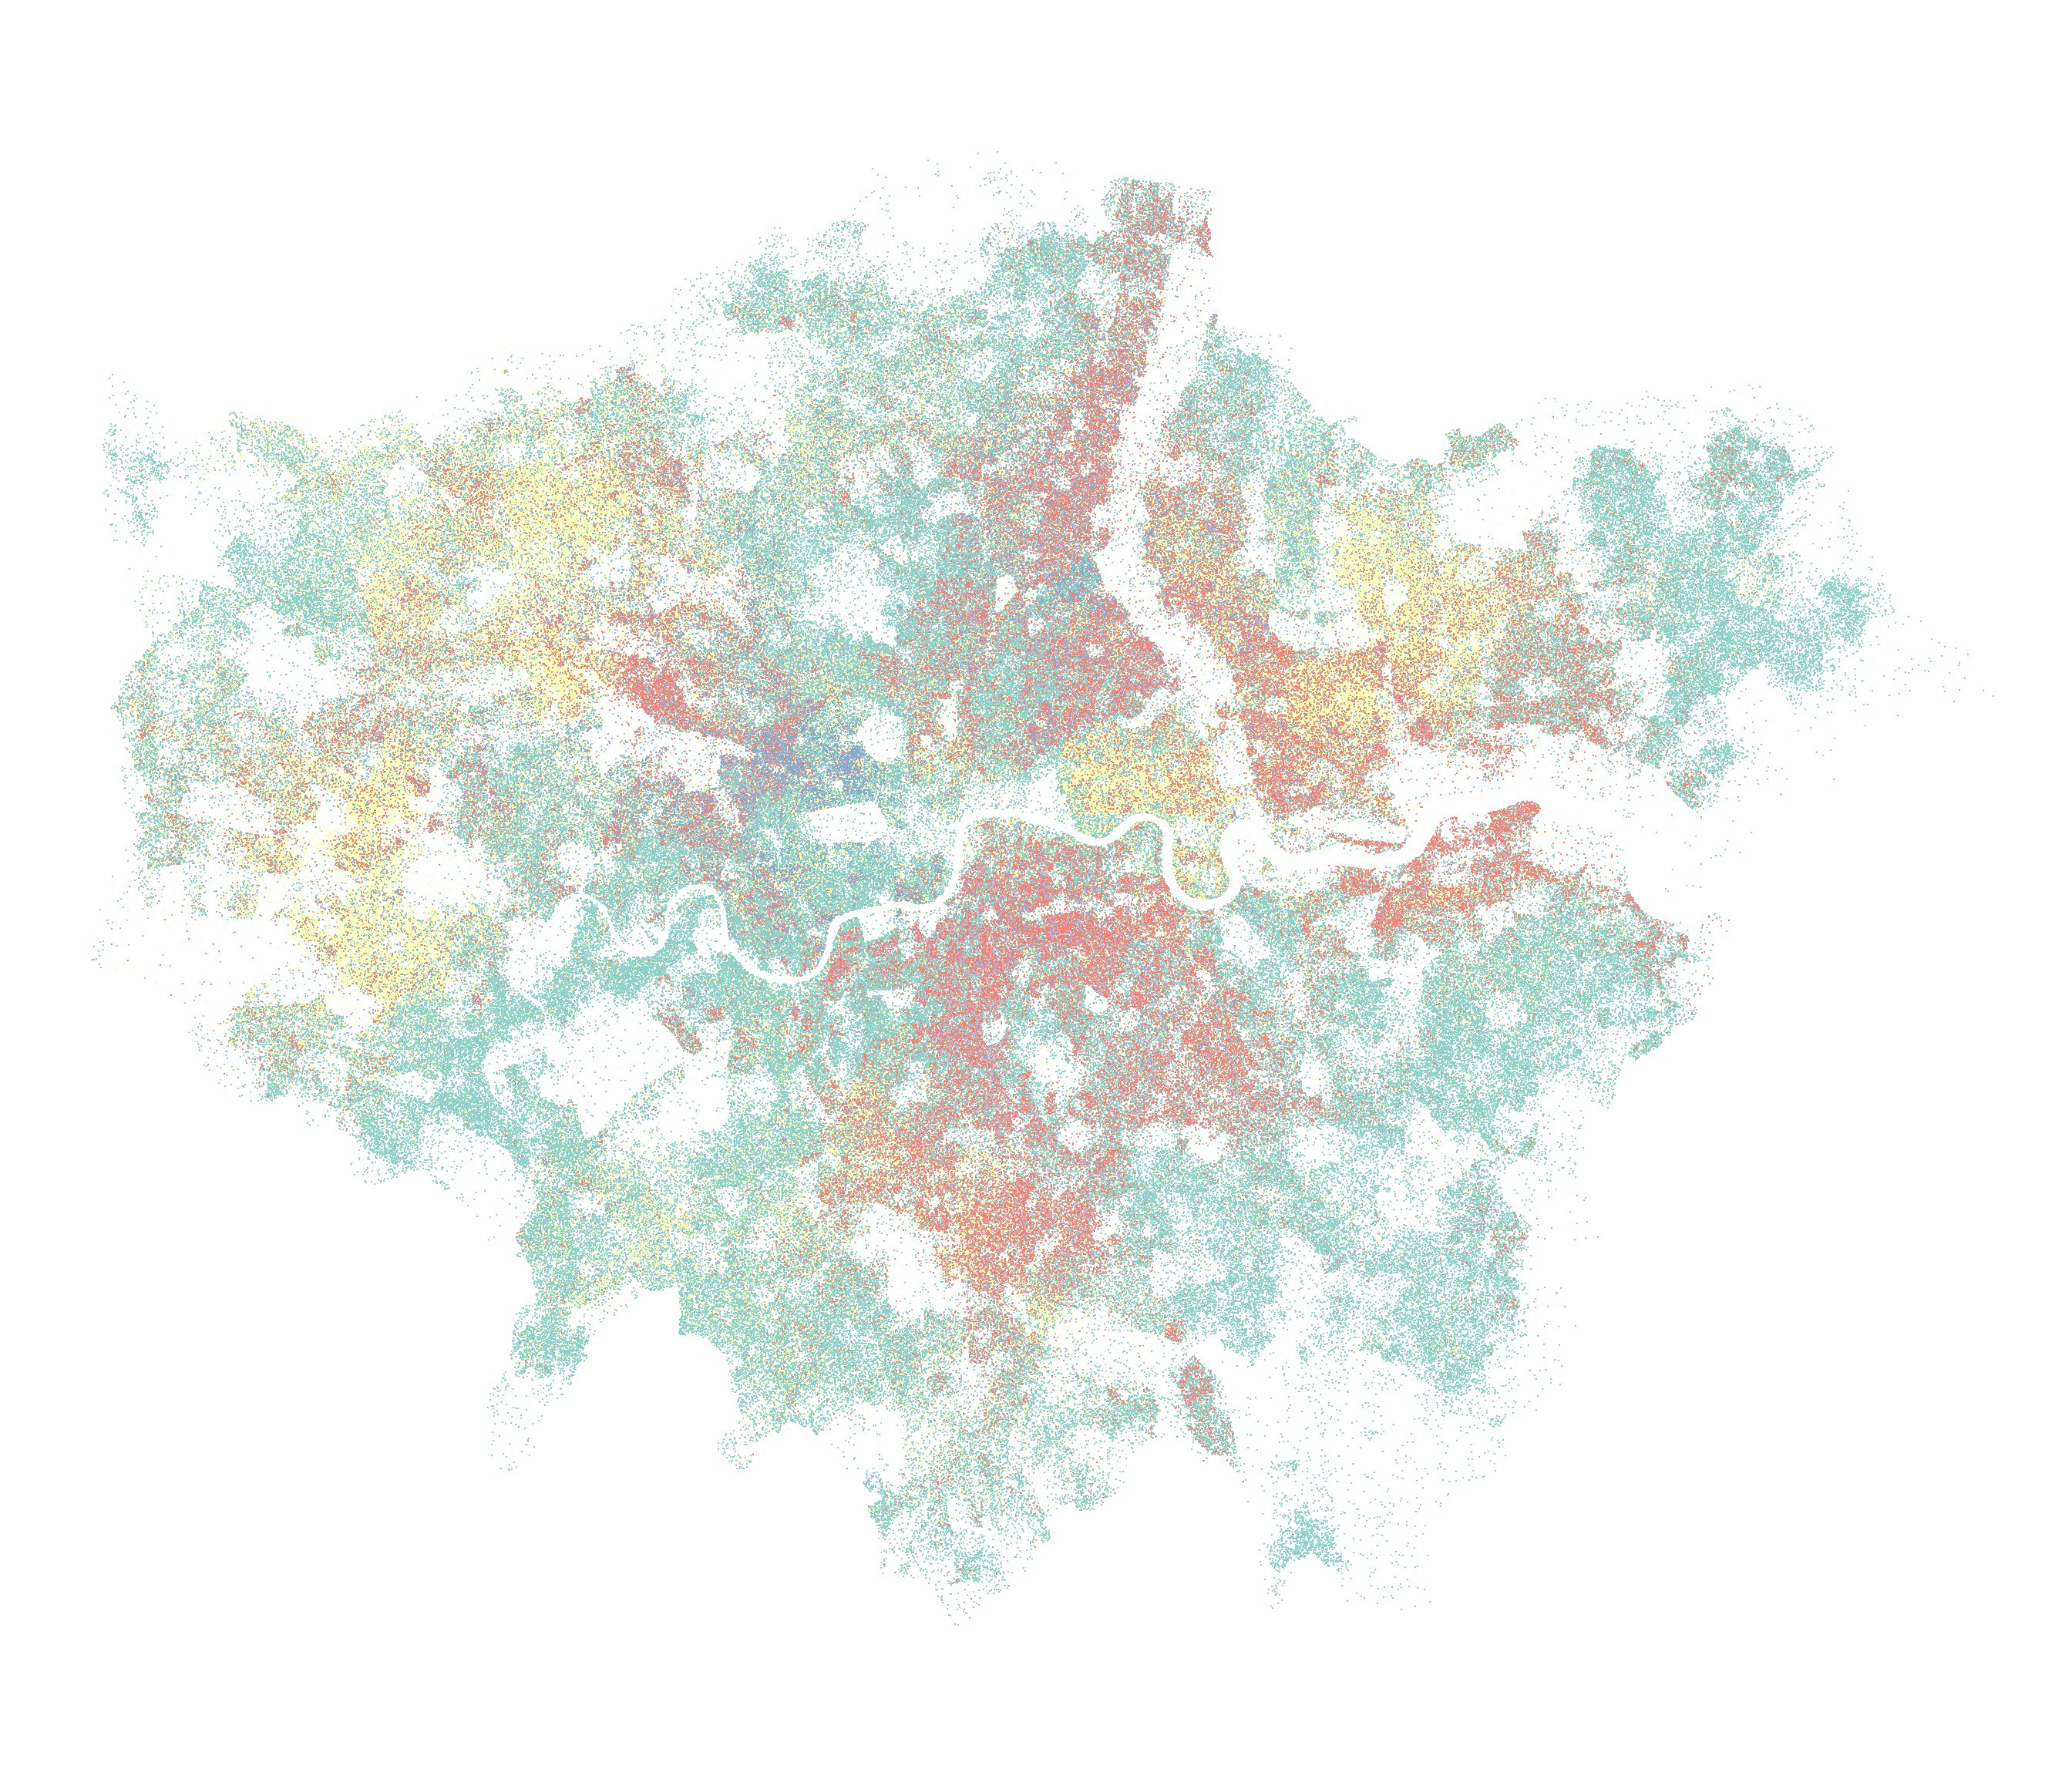 R dot density map